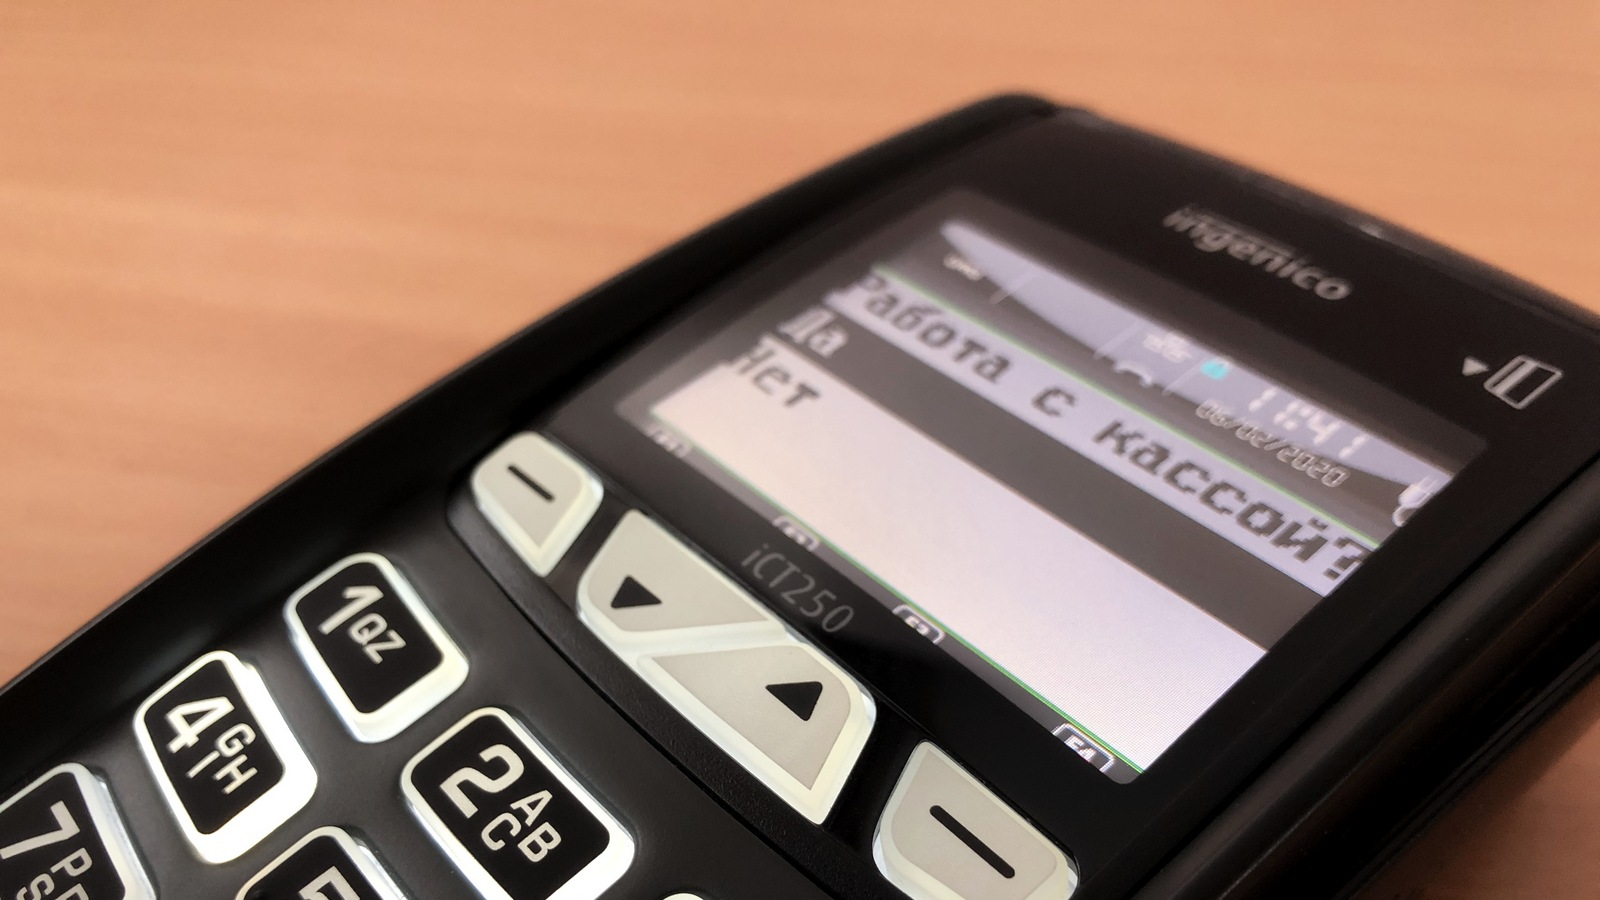 POS-терминал Ingenico не реагирует на нажатие кнопок